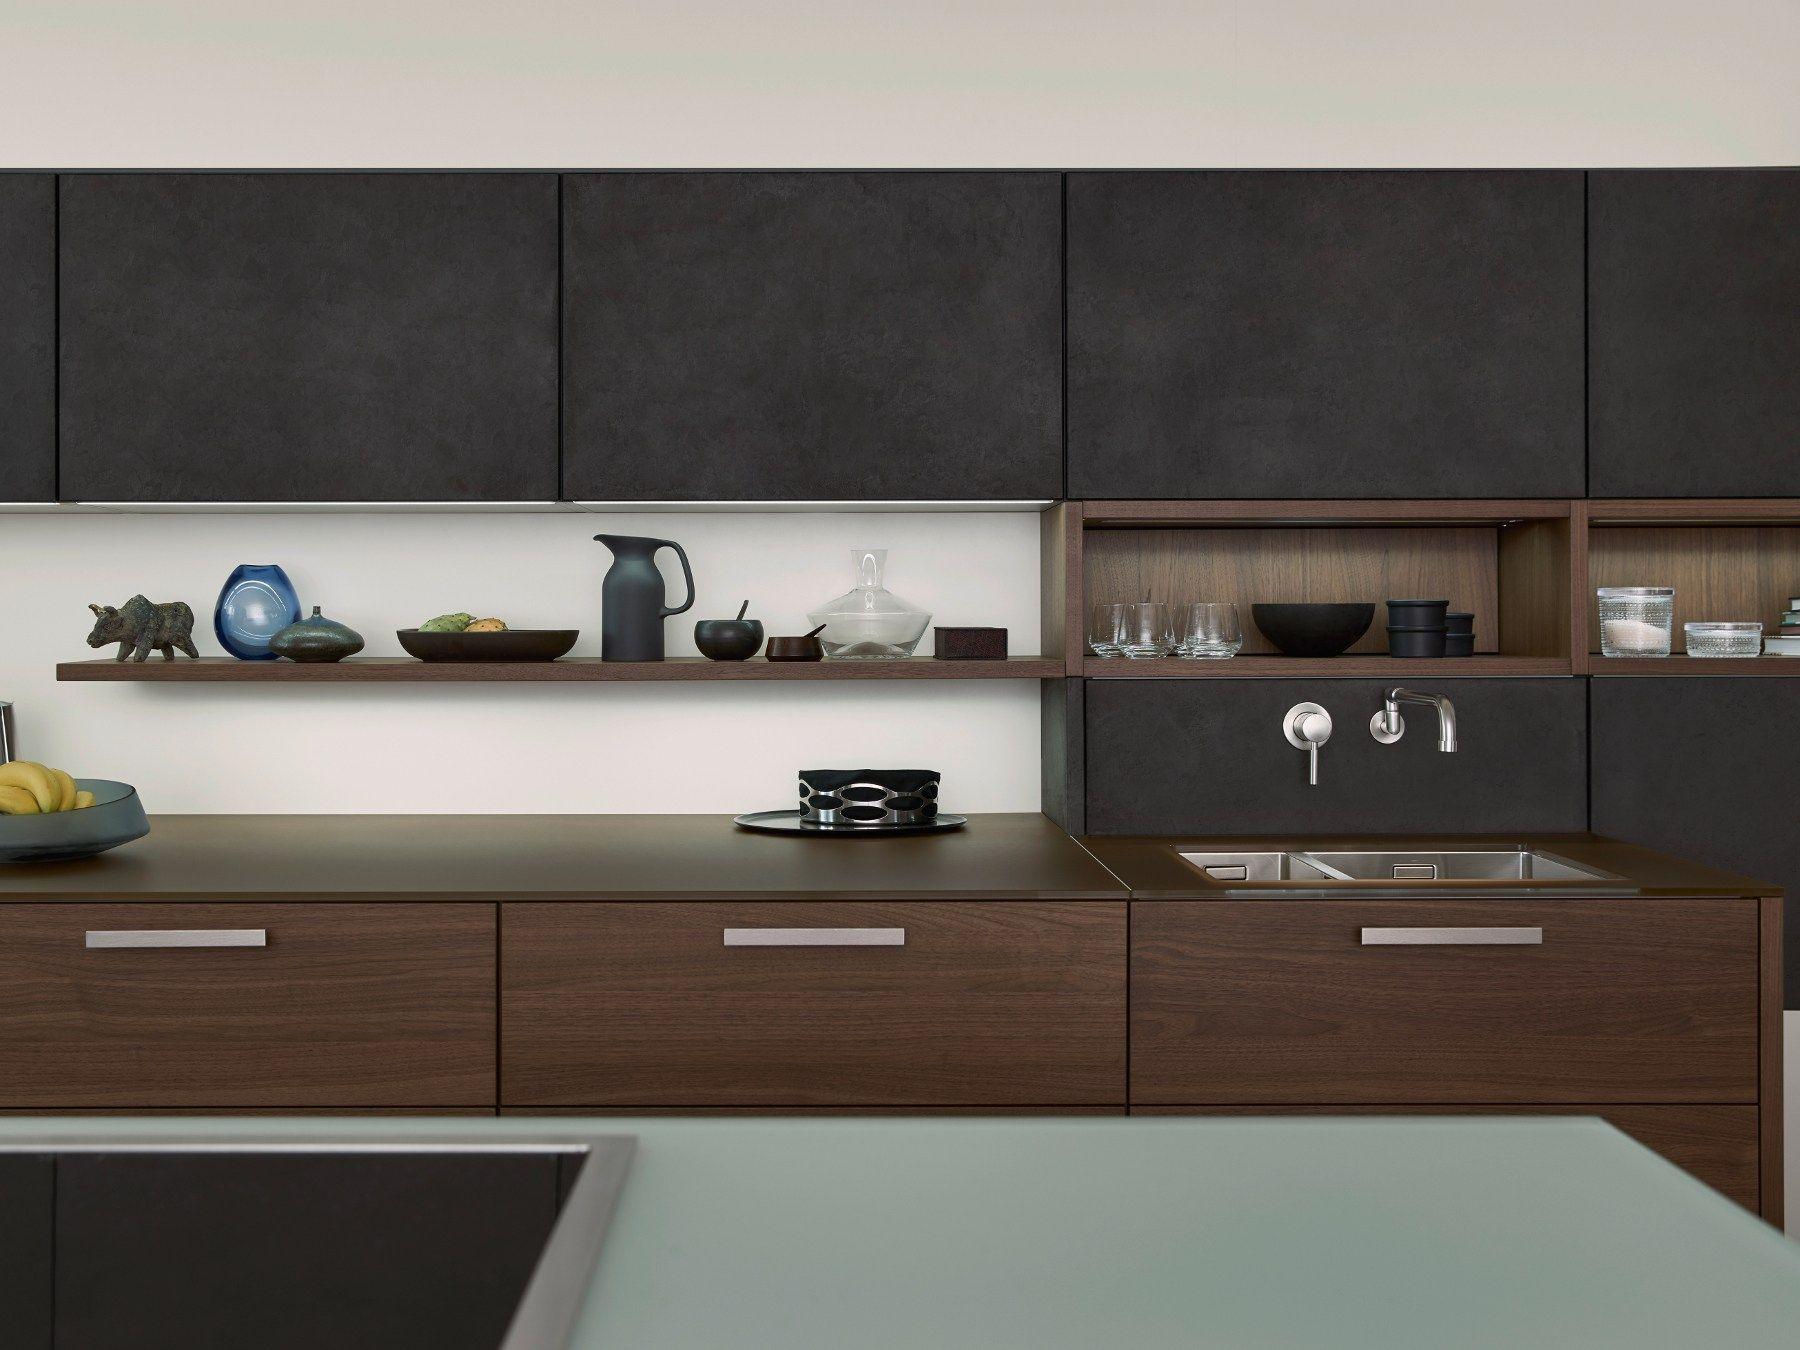 Küche mit kücheninsel topos concrete by leicht küchen